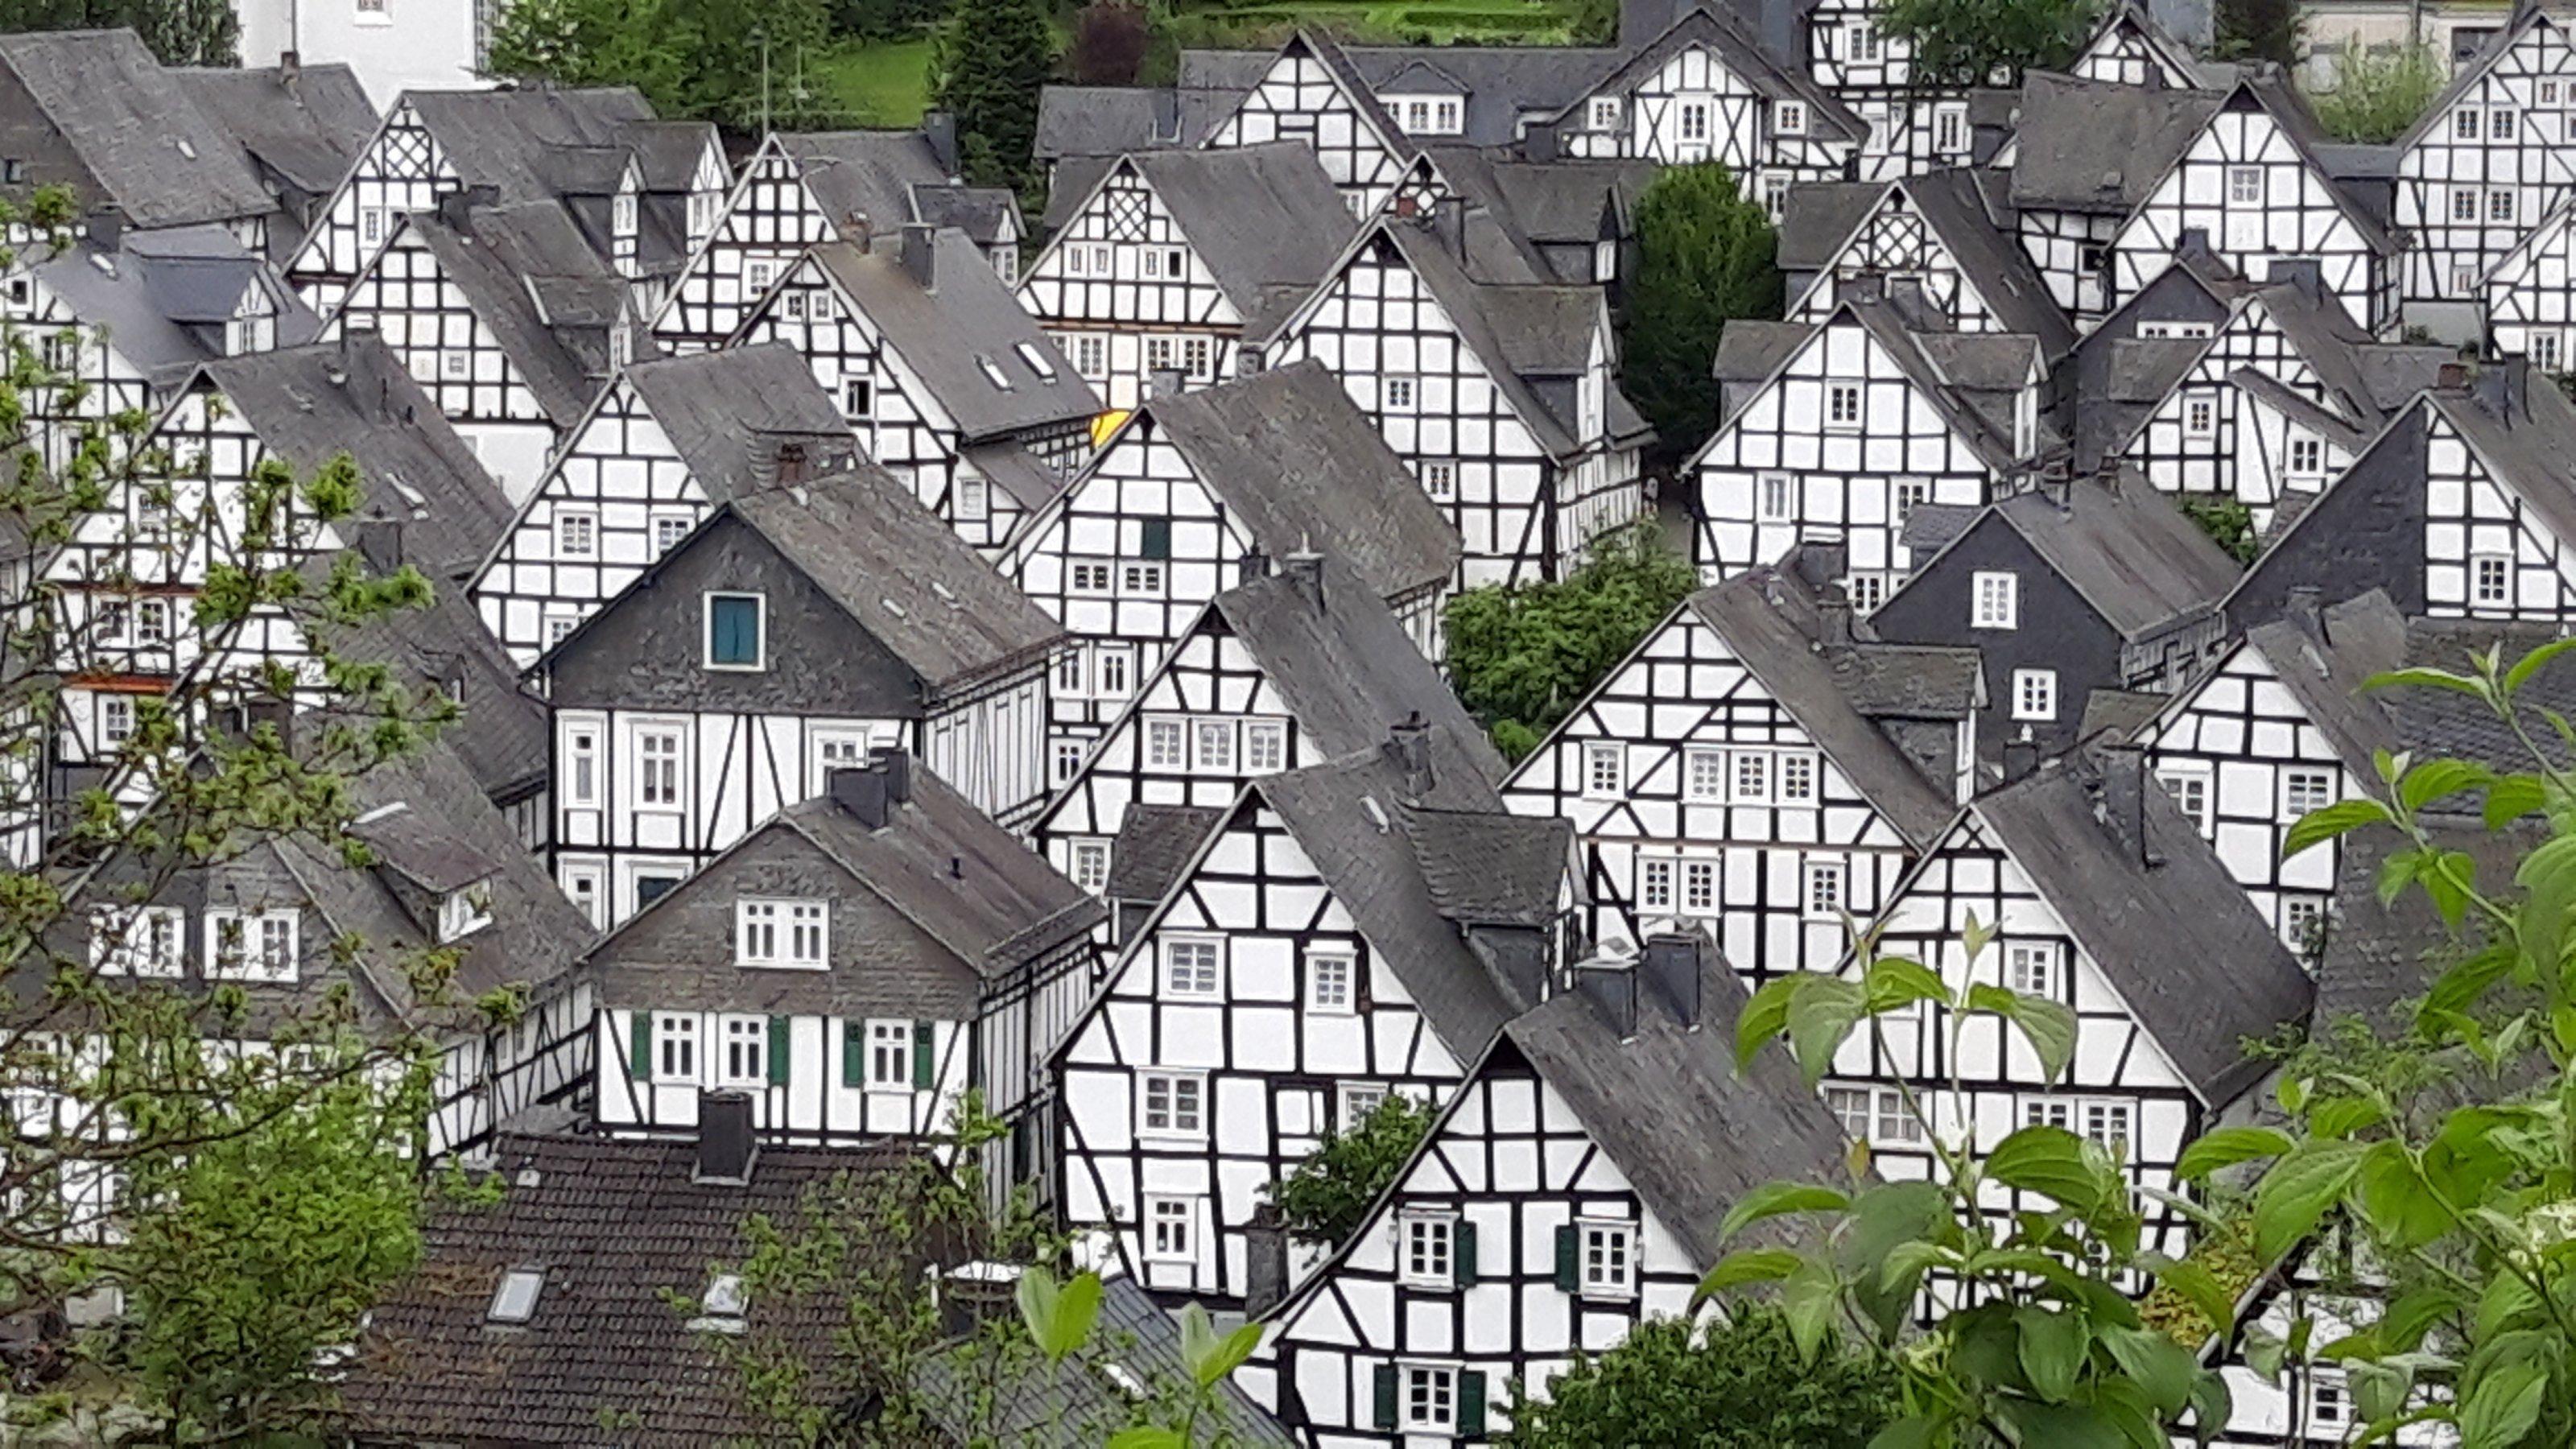 Im Zentrum Freudenbergs drängt sich ein hübsches Fachwerkhaus ans andere.